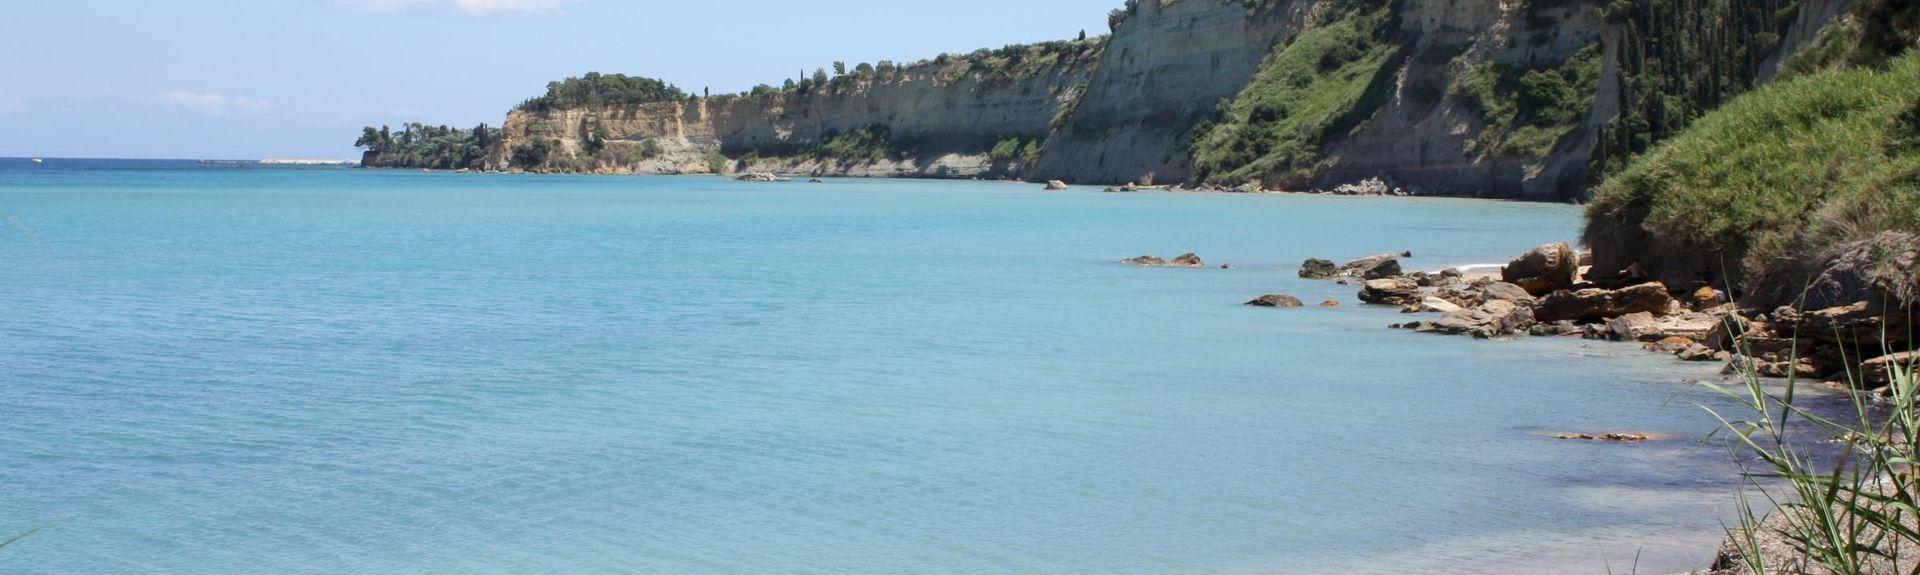 Foinikounta, Greece